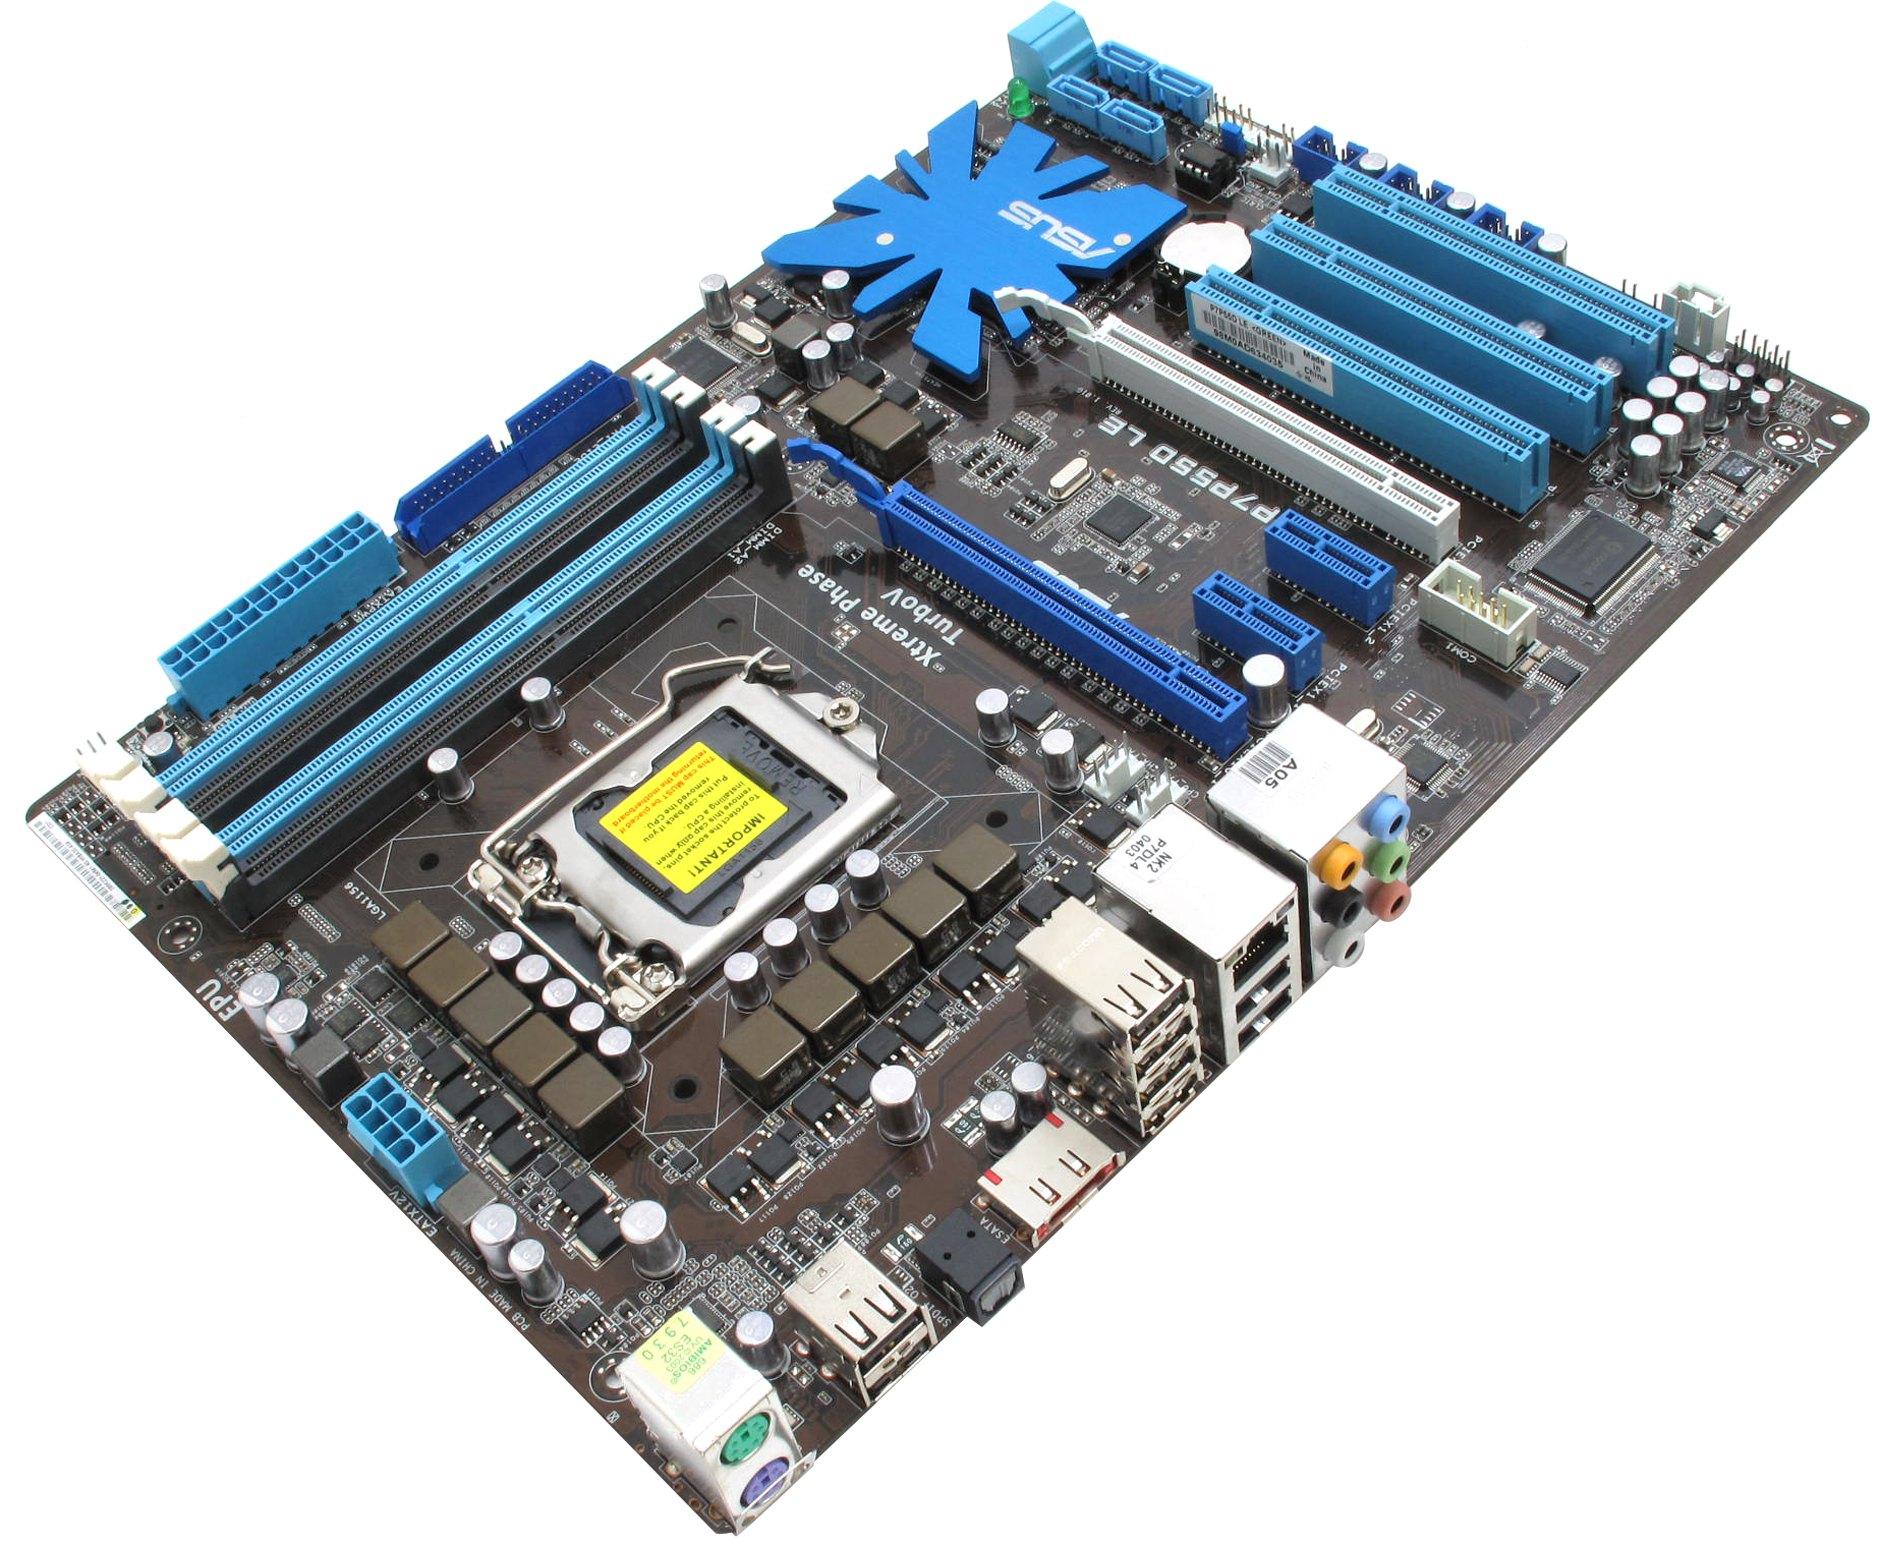 M/B ASUS P7P55D LE (RTL) LGA1156 P55 2xPCI-E+GbLAN SATA RAID ATX 4DDR-III